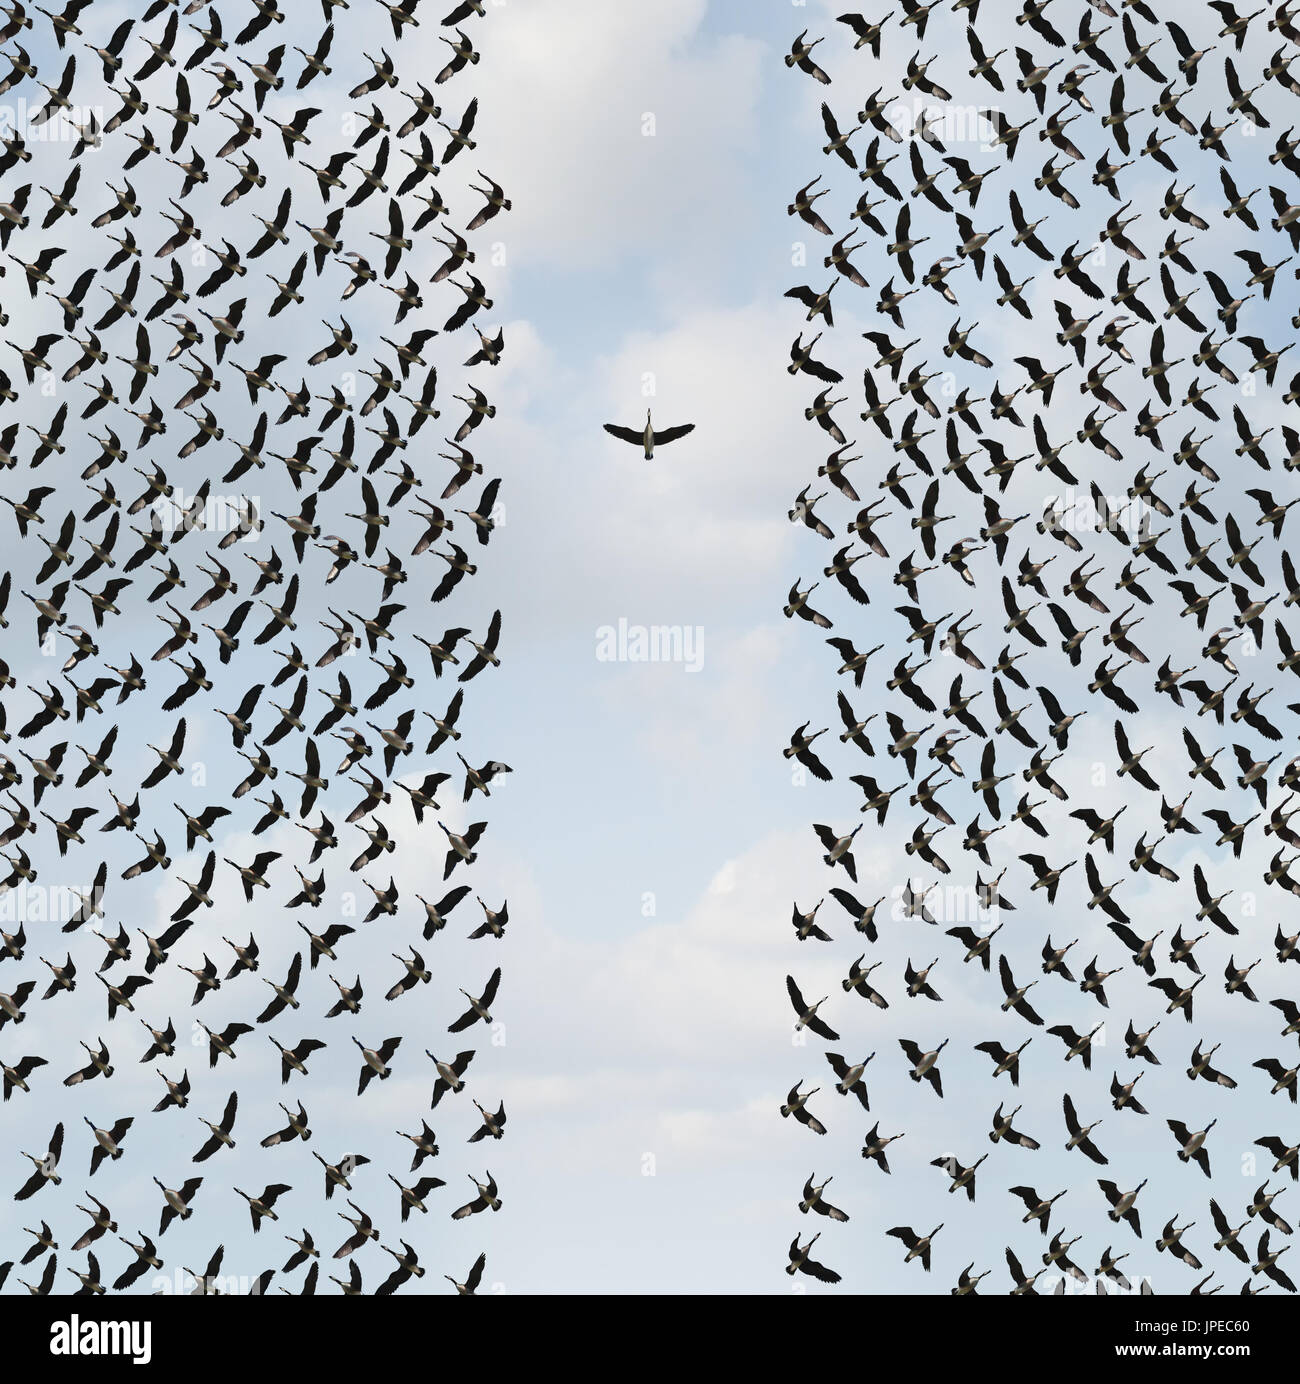 Concetto di individualismo e individualità di simbolo o di pensatore indipendente idea e il nuovo concetto di leadership o coraggio individuale come un gruppo di uccelli. Immagini Stock